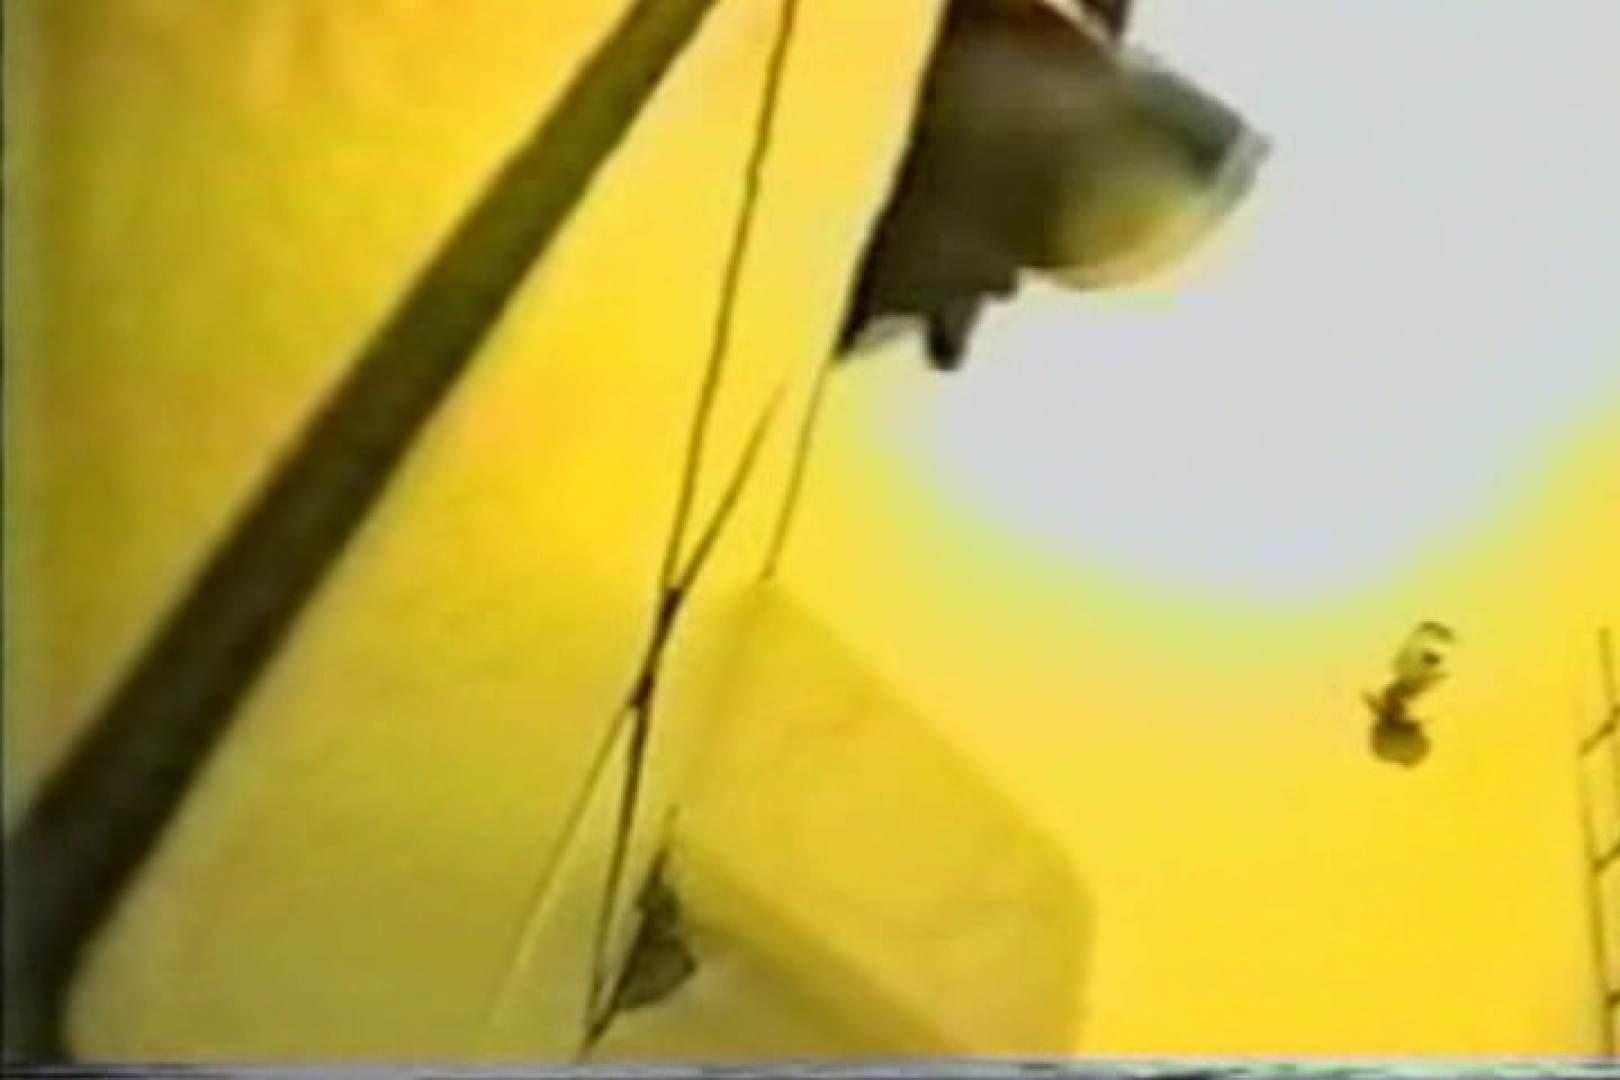 洋式洗面所オリジナルVol.2 エロティックなOL 盗み撮り動画 64画像 50